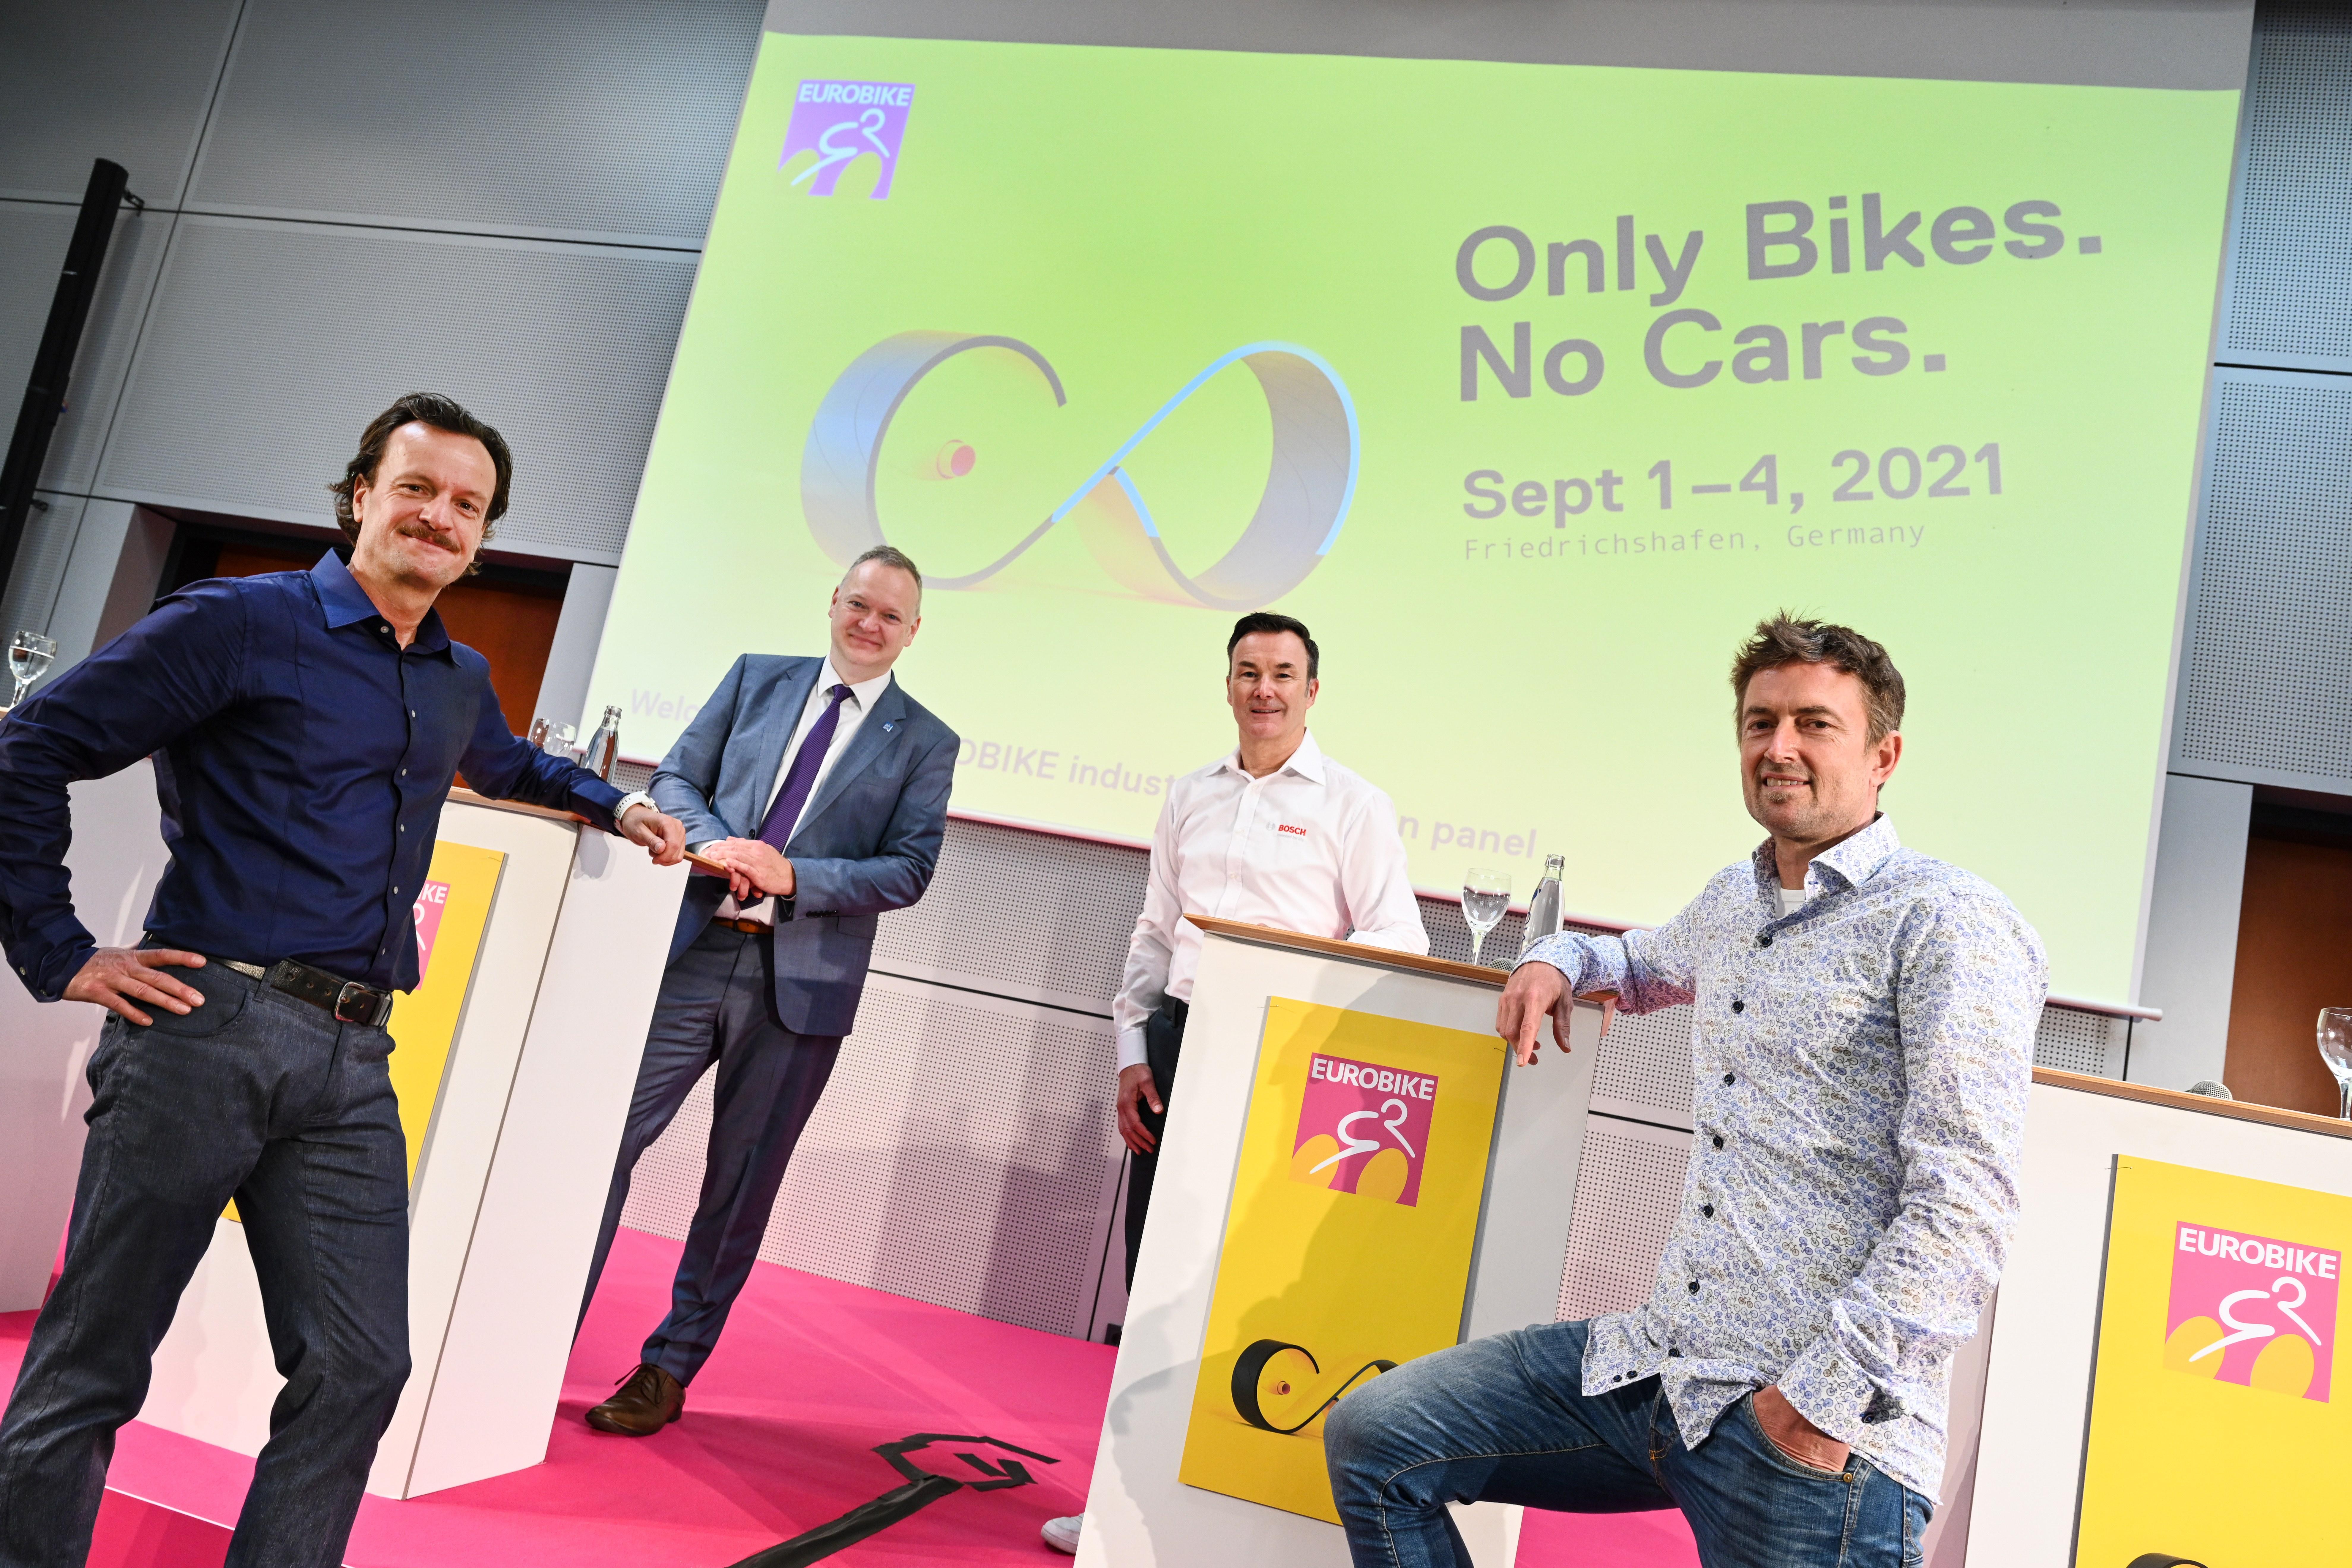 Las ventas de bicicletas en Alemania se contraen un 14,1% en el primer semestre de 2021